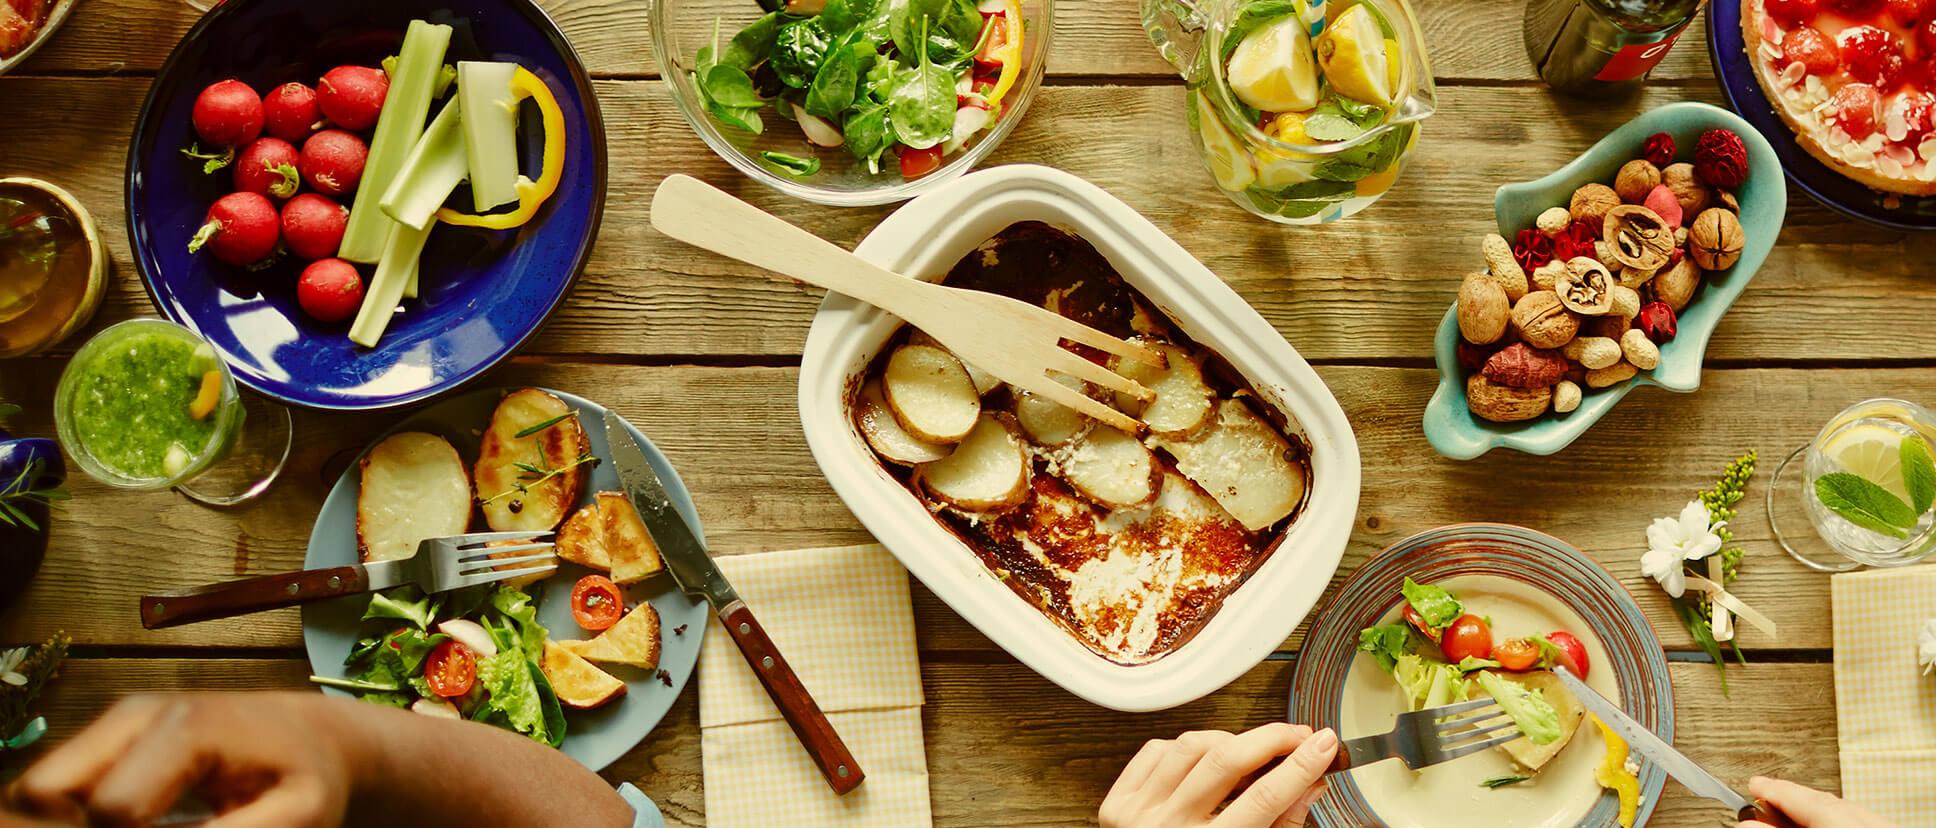 table remplis de nourritures